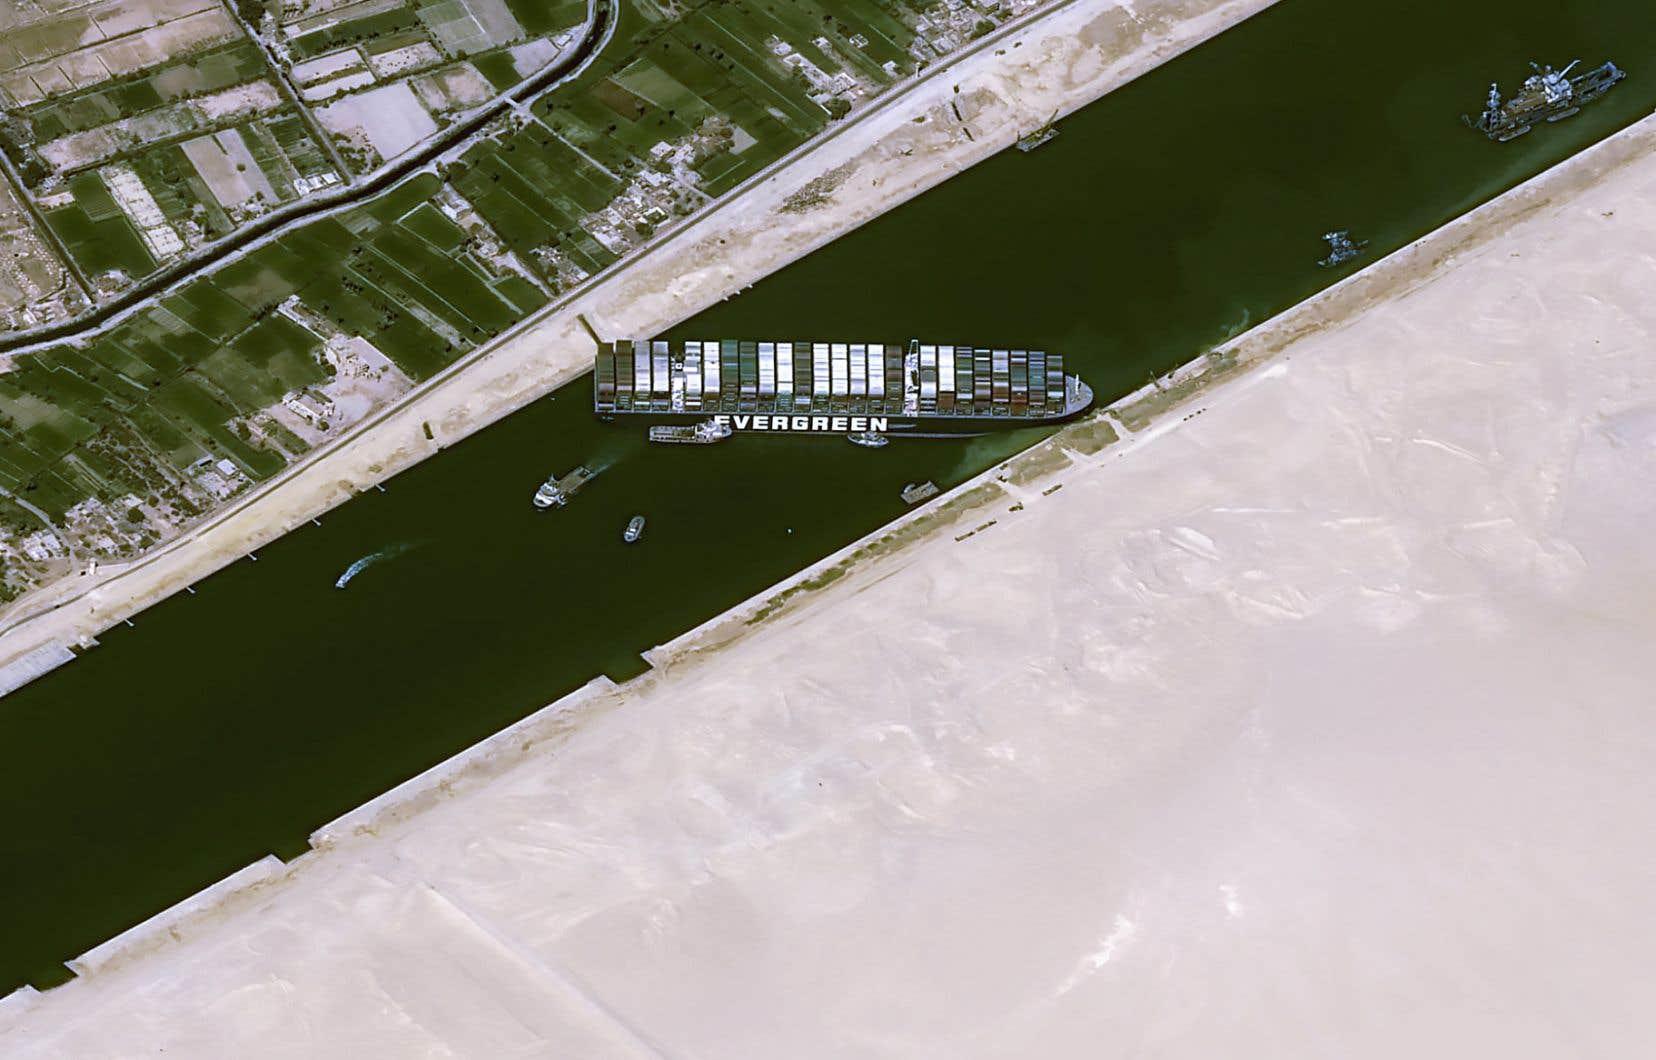 Cette image satellite montre le porte-conteneurs de 400 mètres de long Ever Given, coincé sur la voie navigable du canal de Suez en Égypte et bloquant tout le trafic maritime à cet endroit.